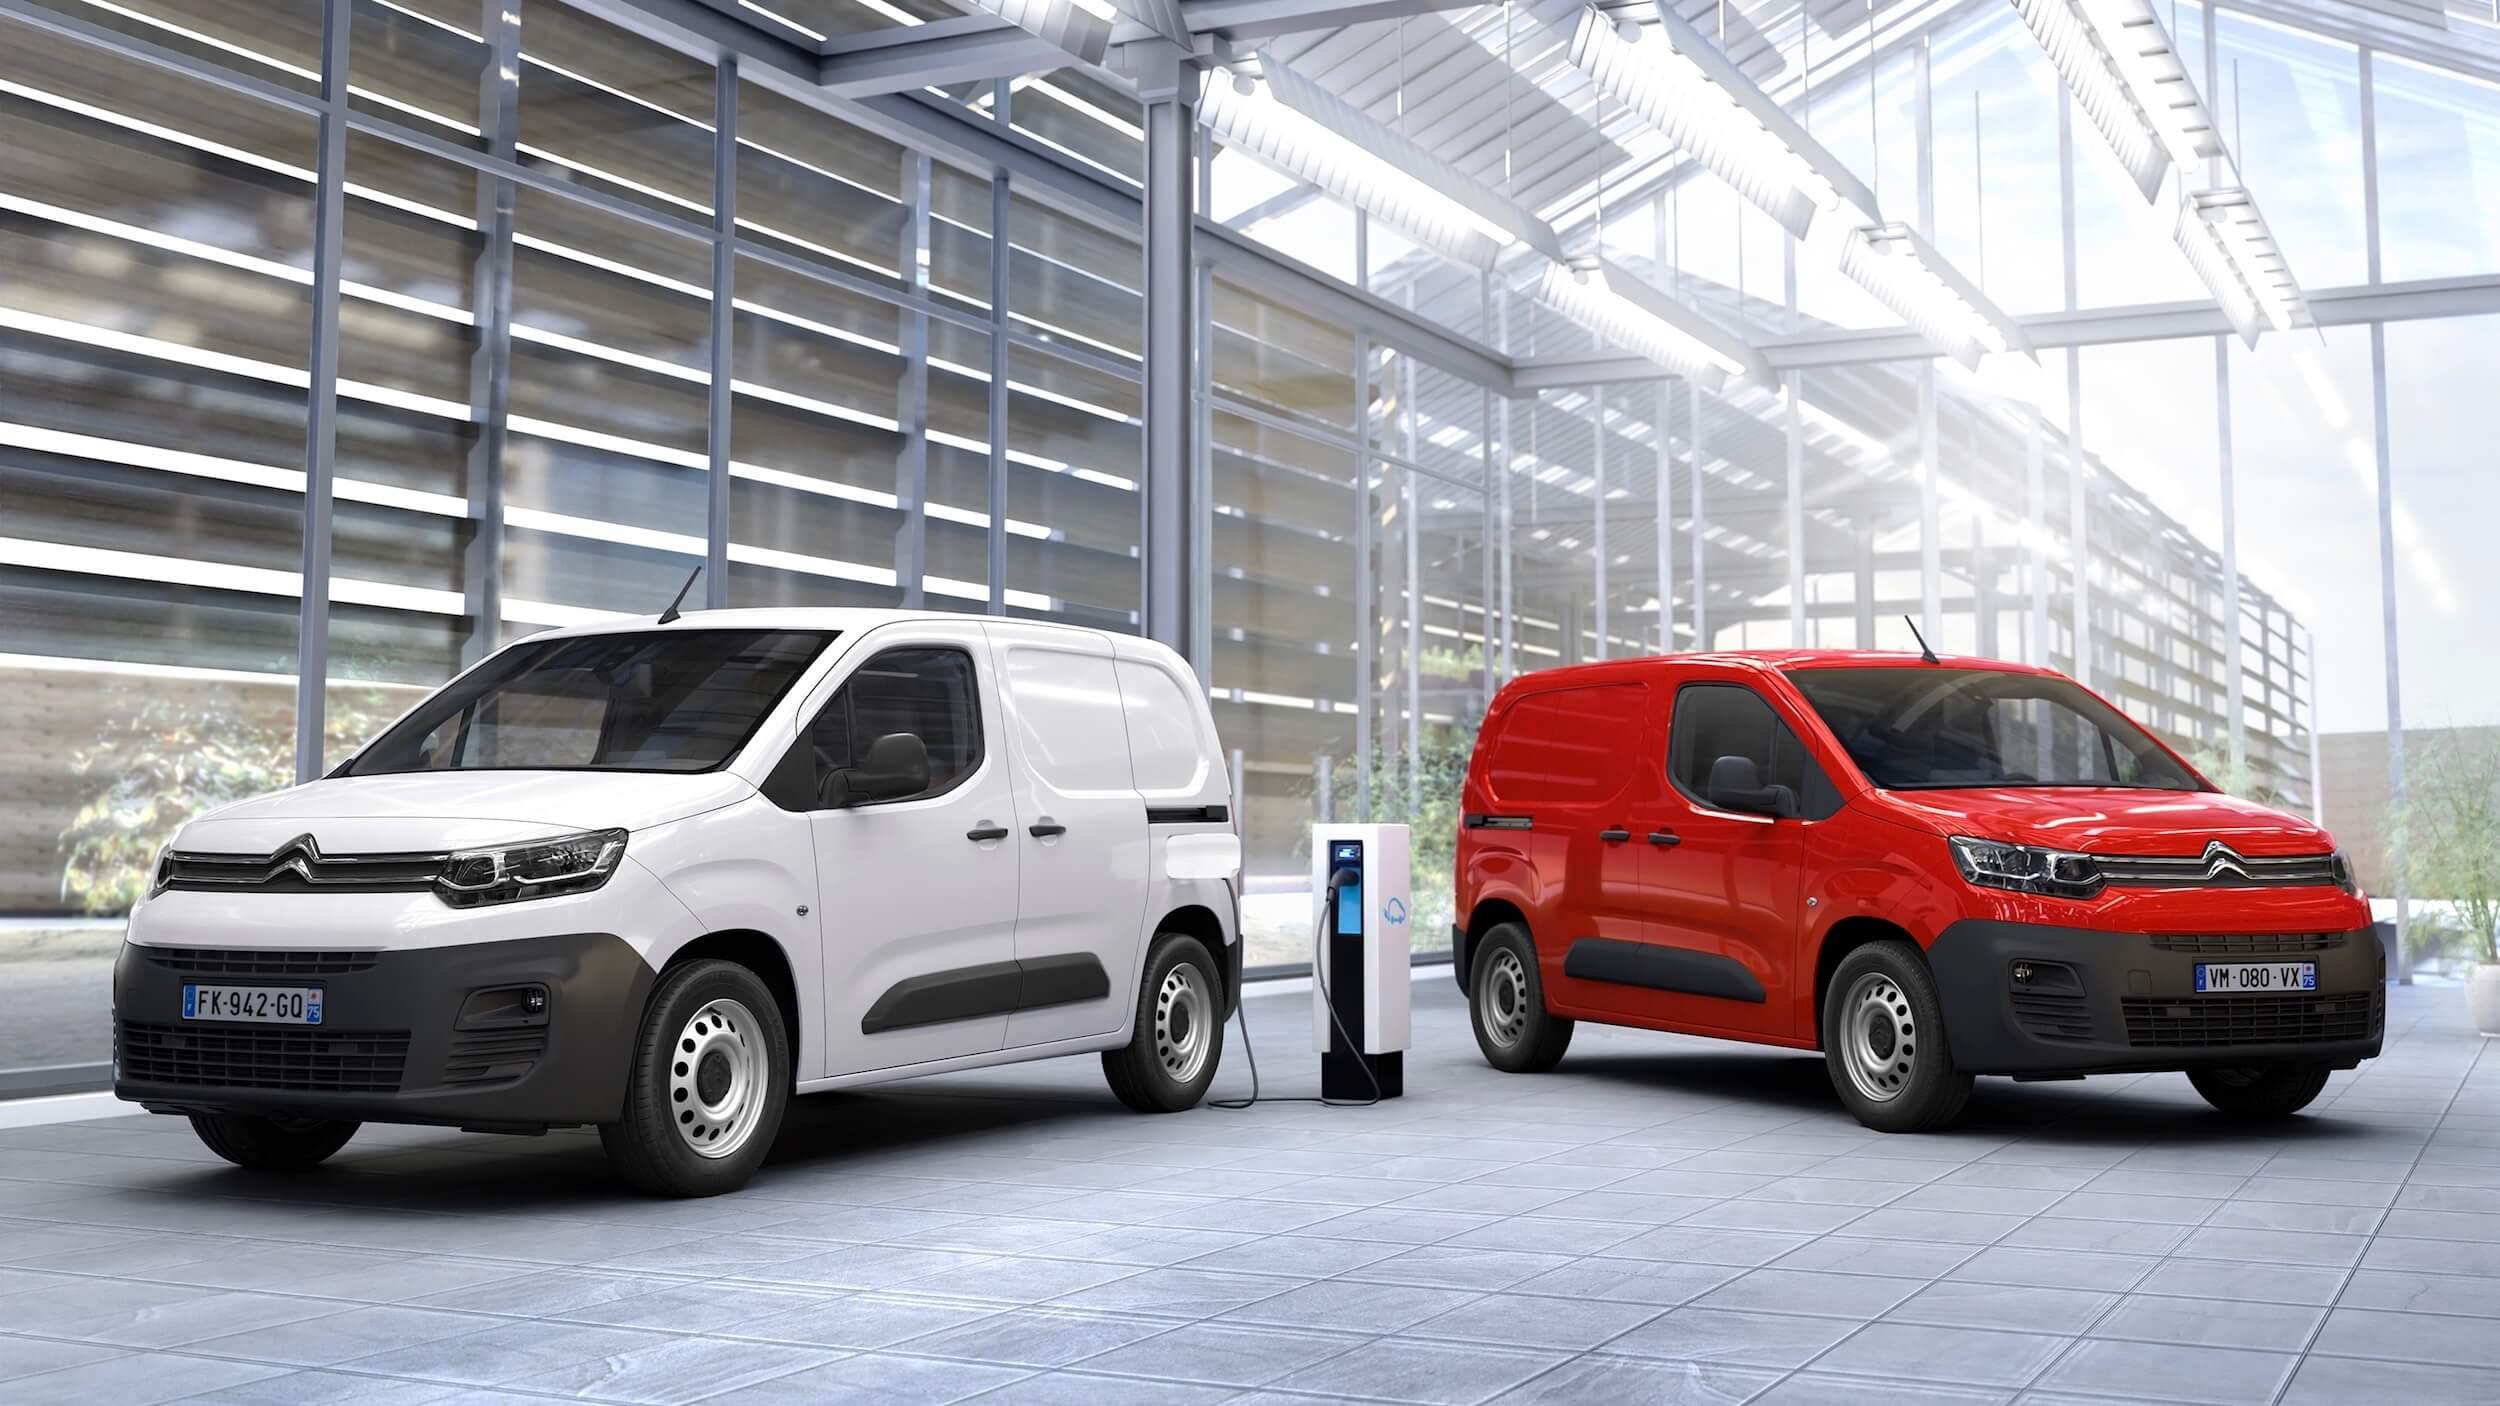 Citroën ë Berlingo vermelho